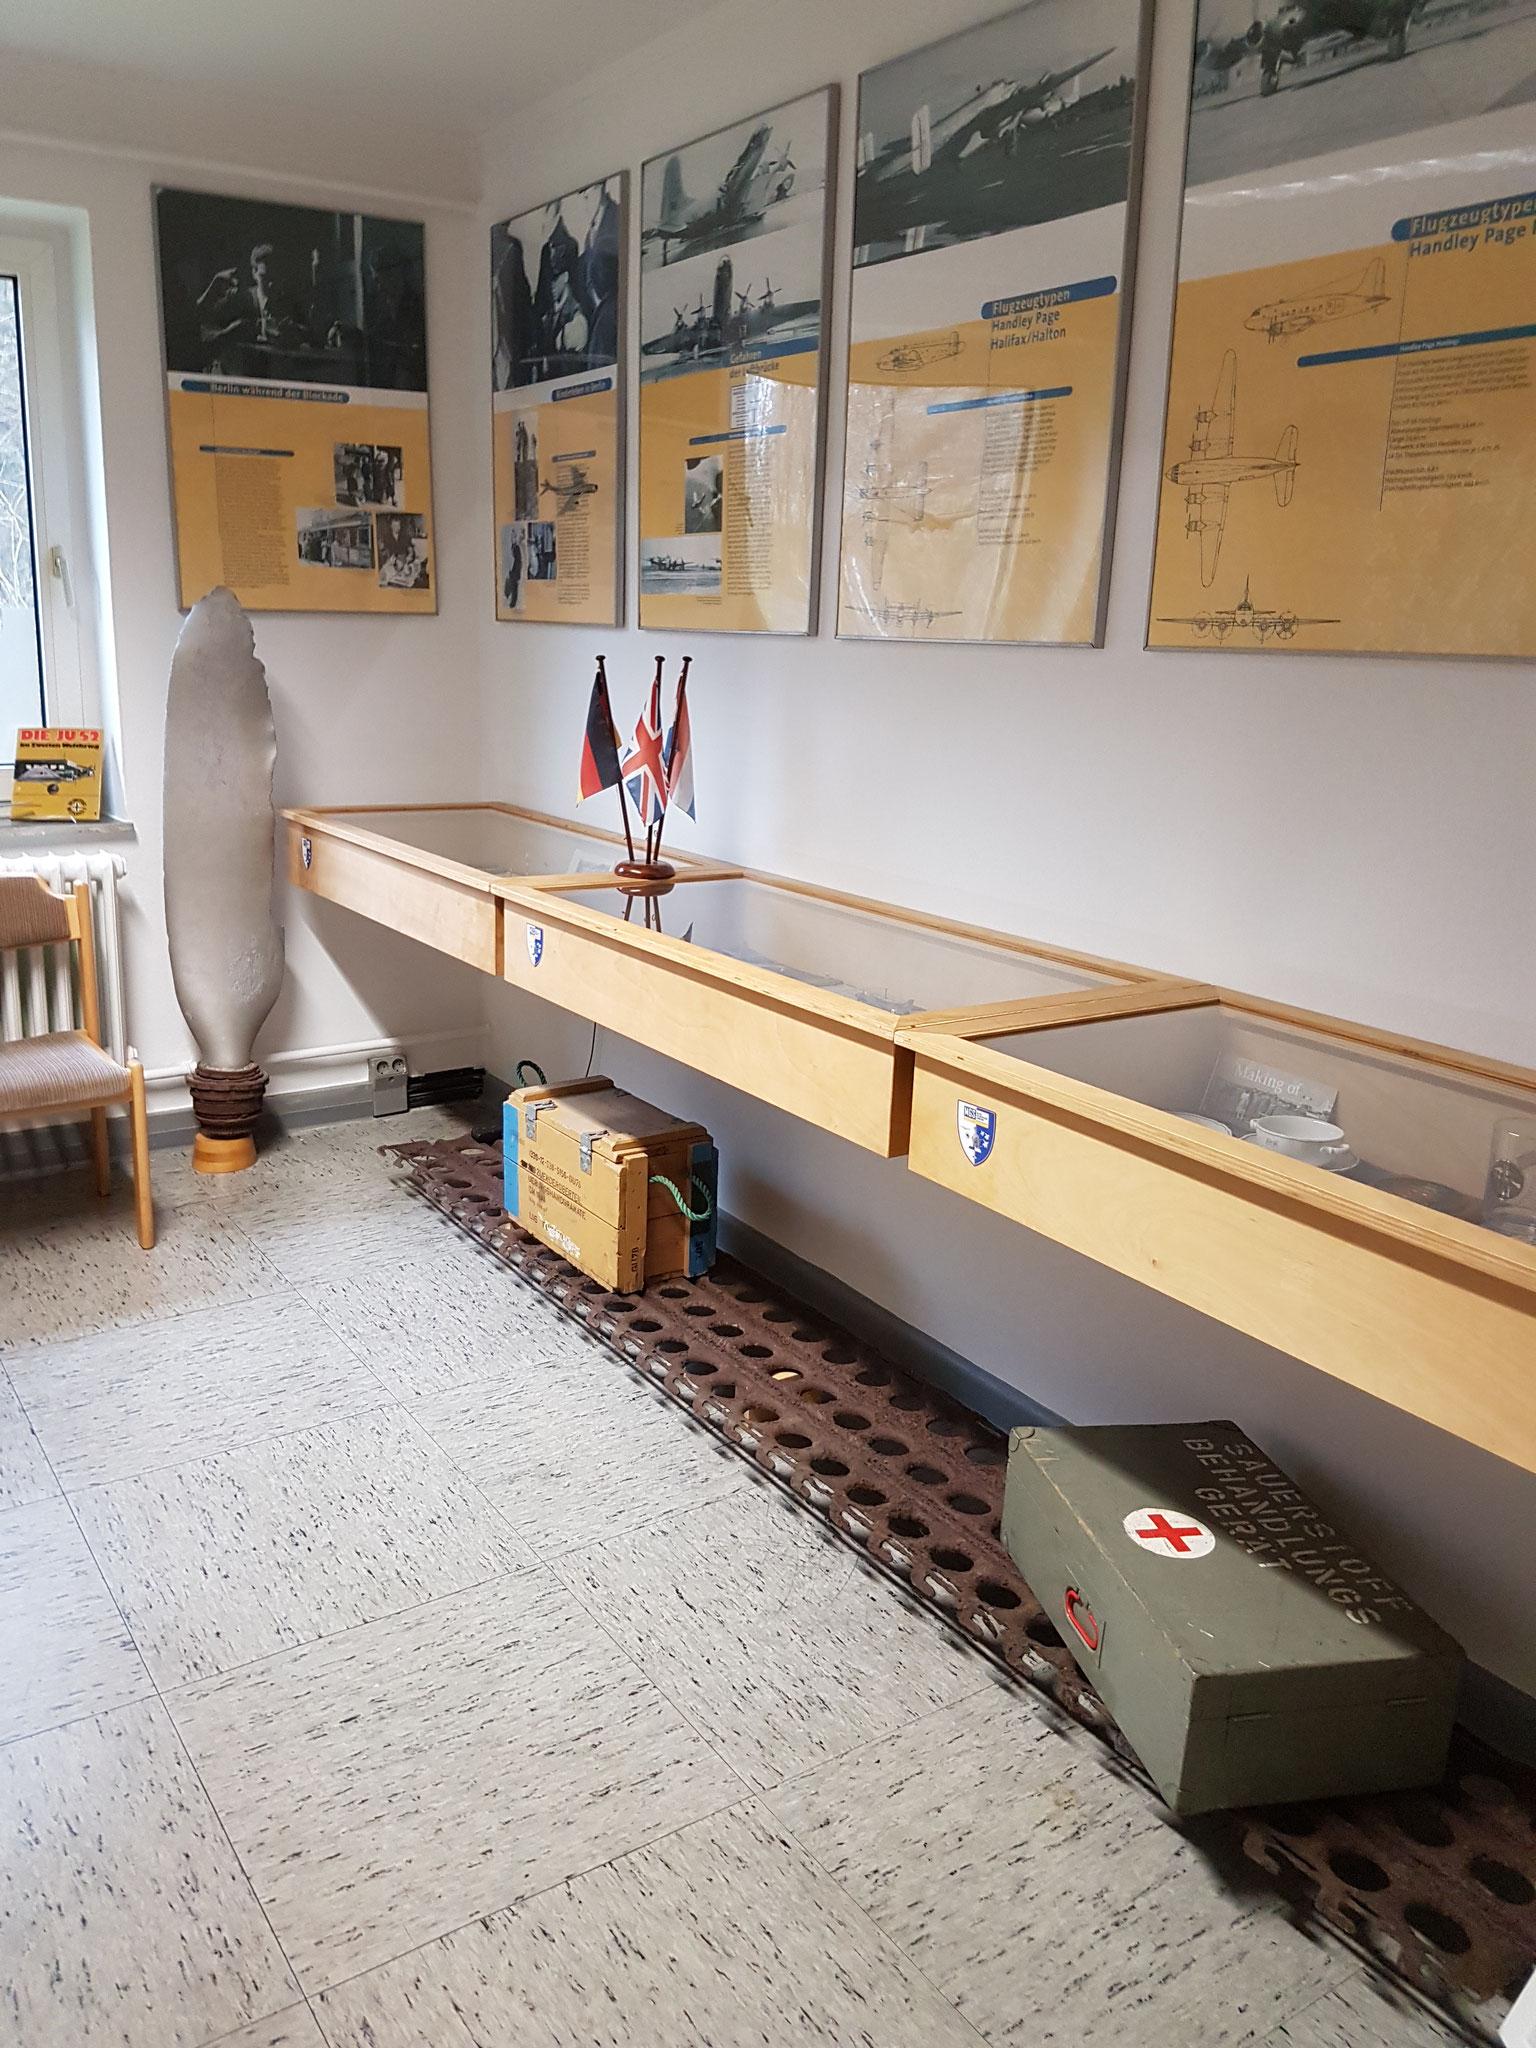 Ausstellungsabschnitt 5 - Die Luftbrücke